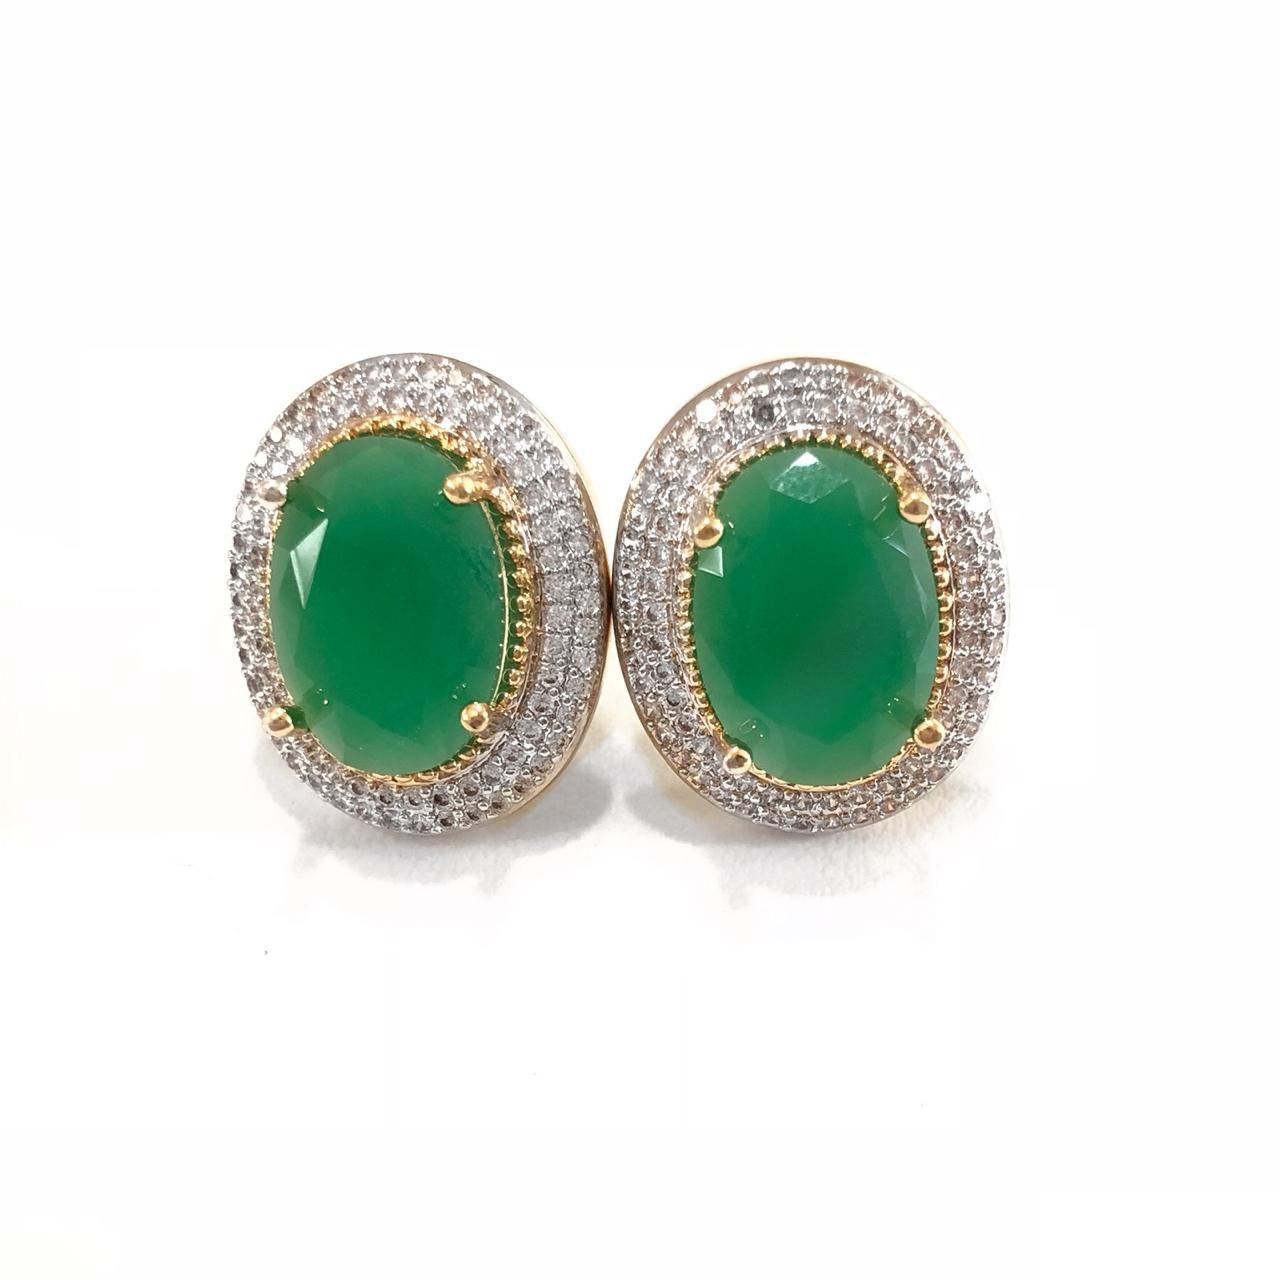 Brinco Oval Cravejado Zircônias Brancas E Cristal Verde Banho Em  Ouro 18K